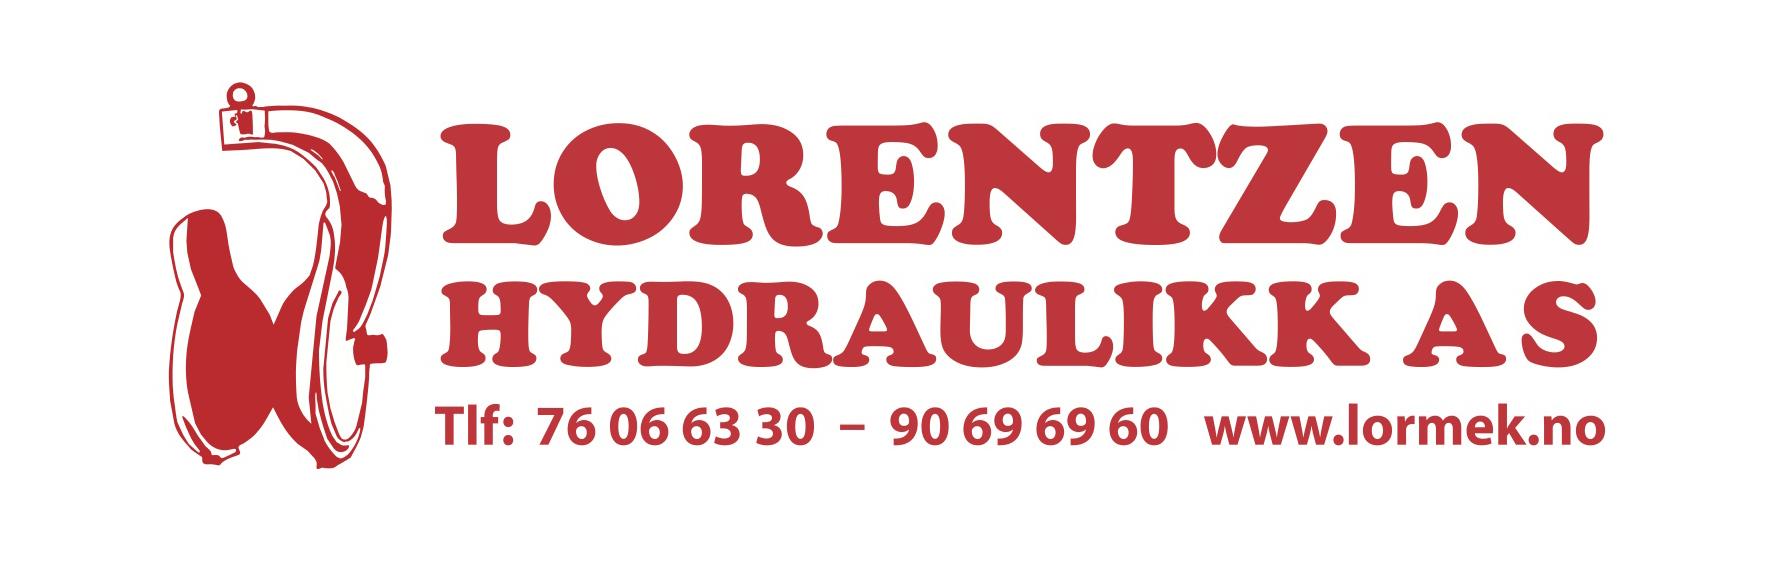 Lorentzen Hydrauliske AS